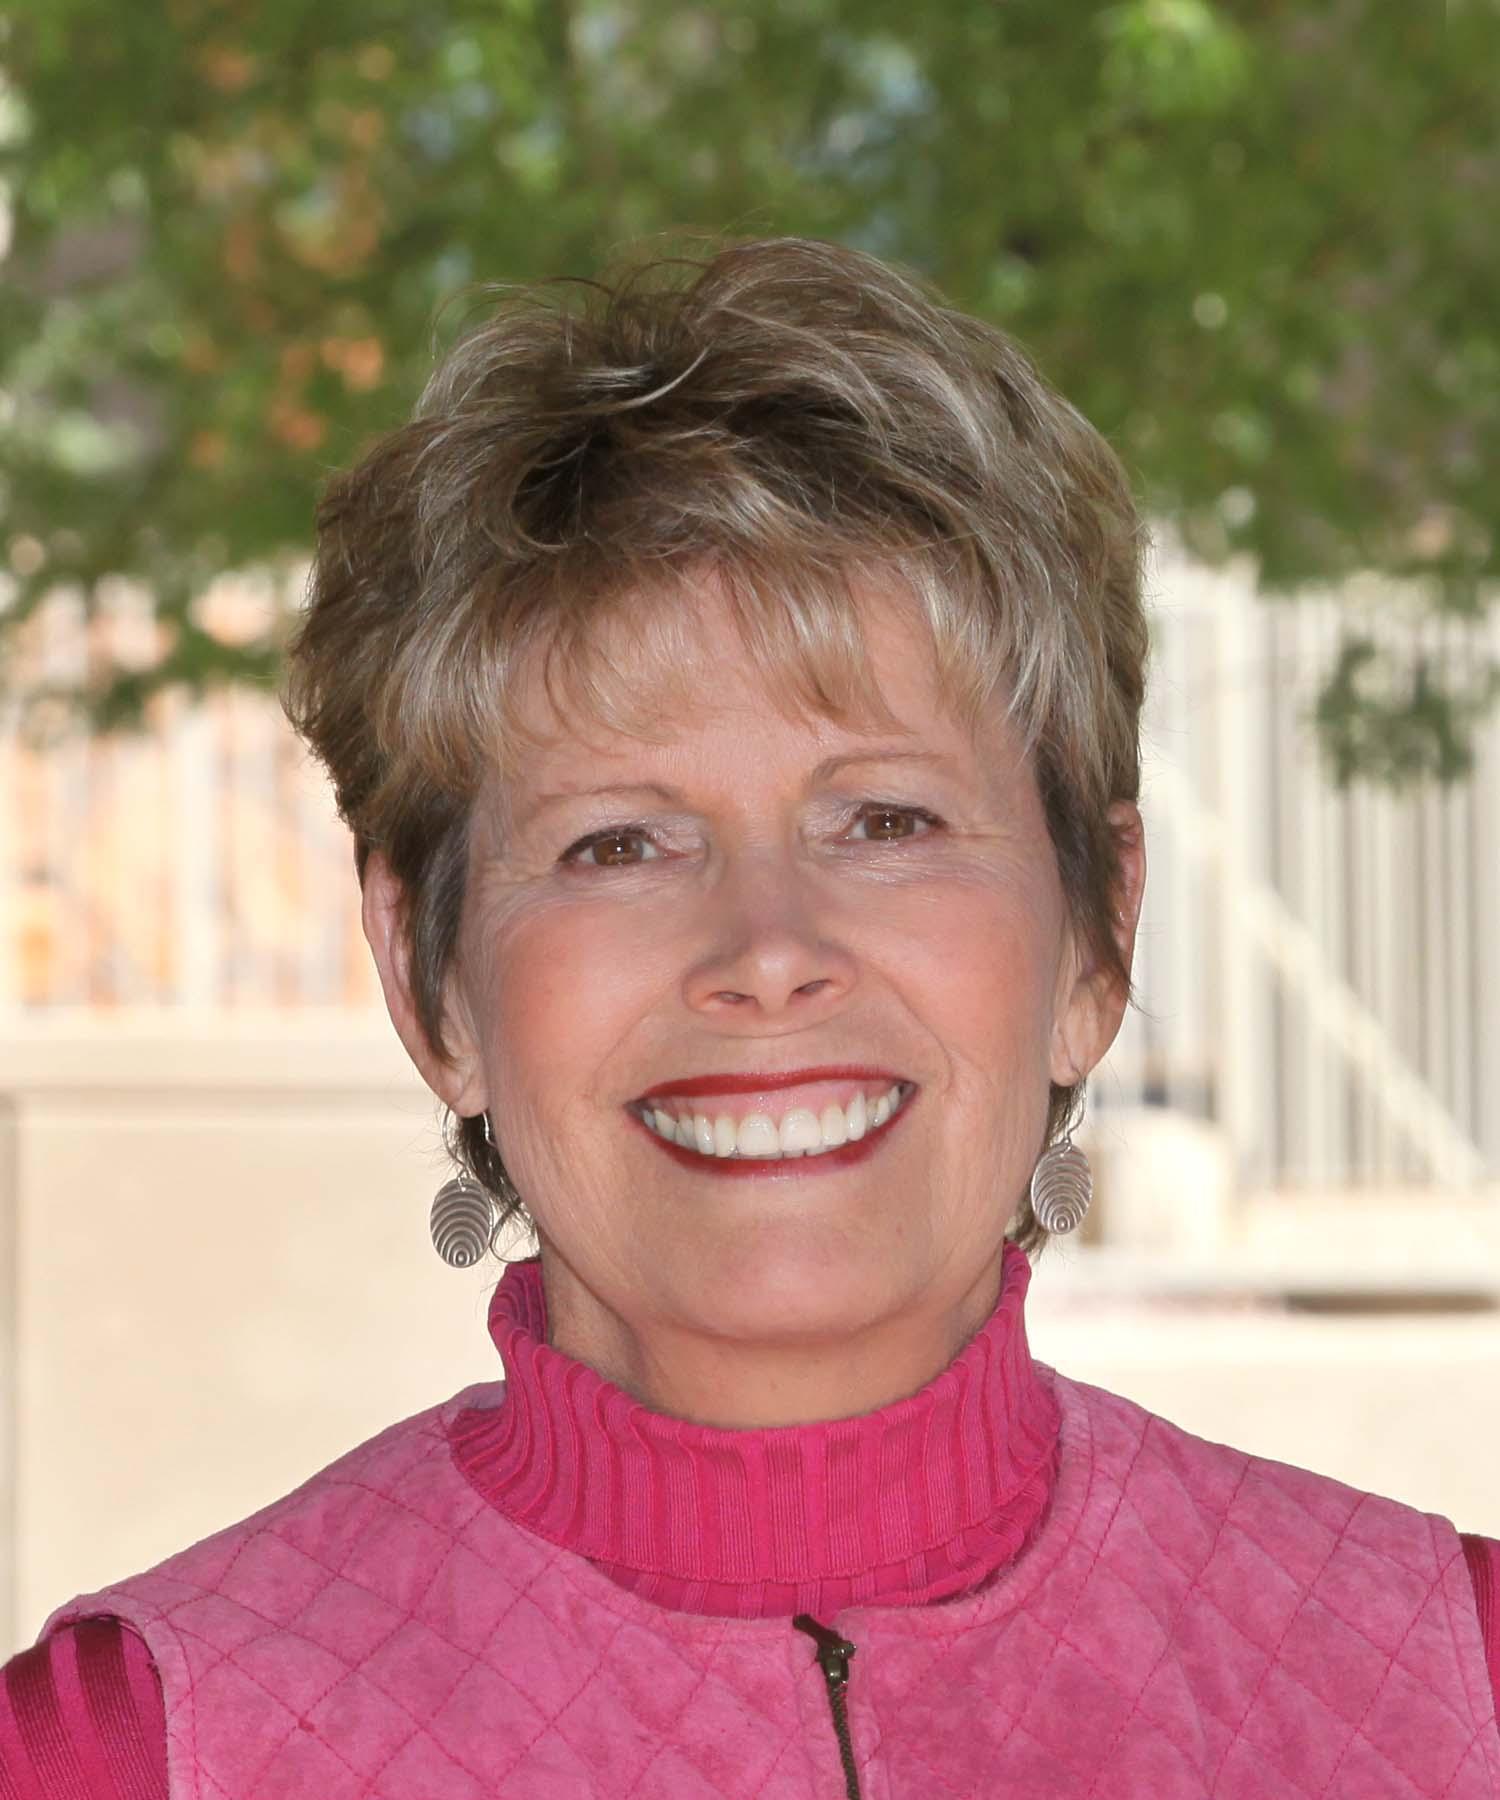 Kathy Ammon